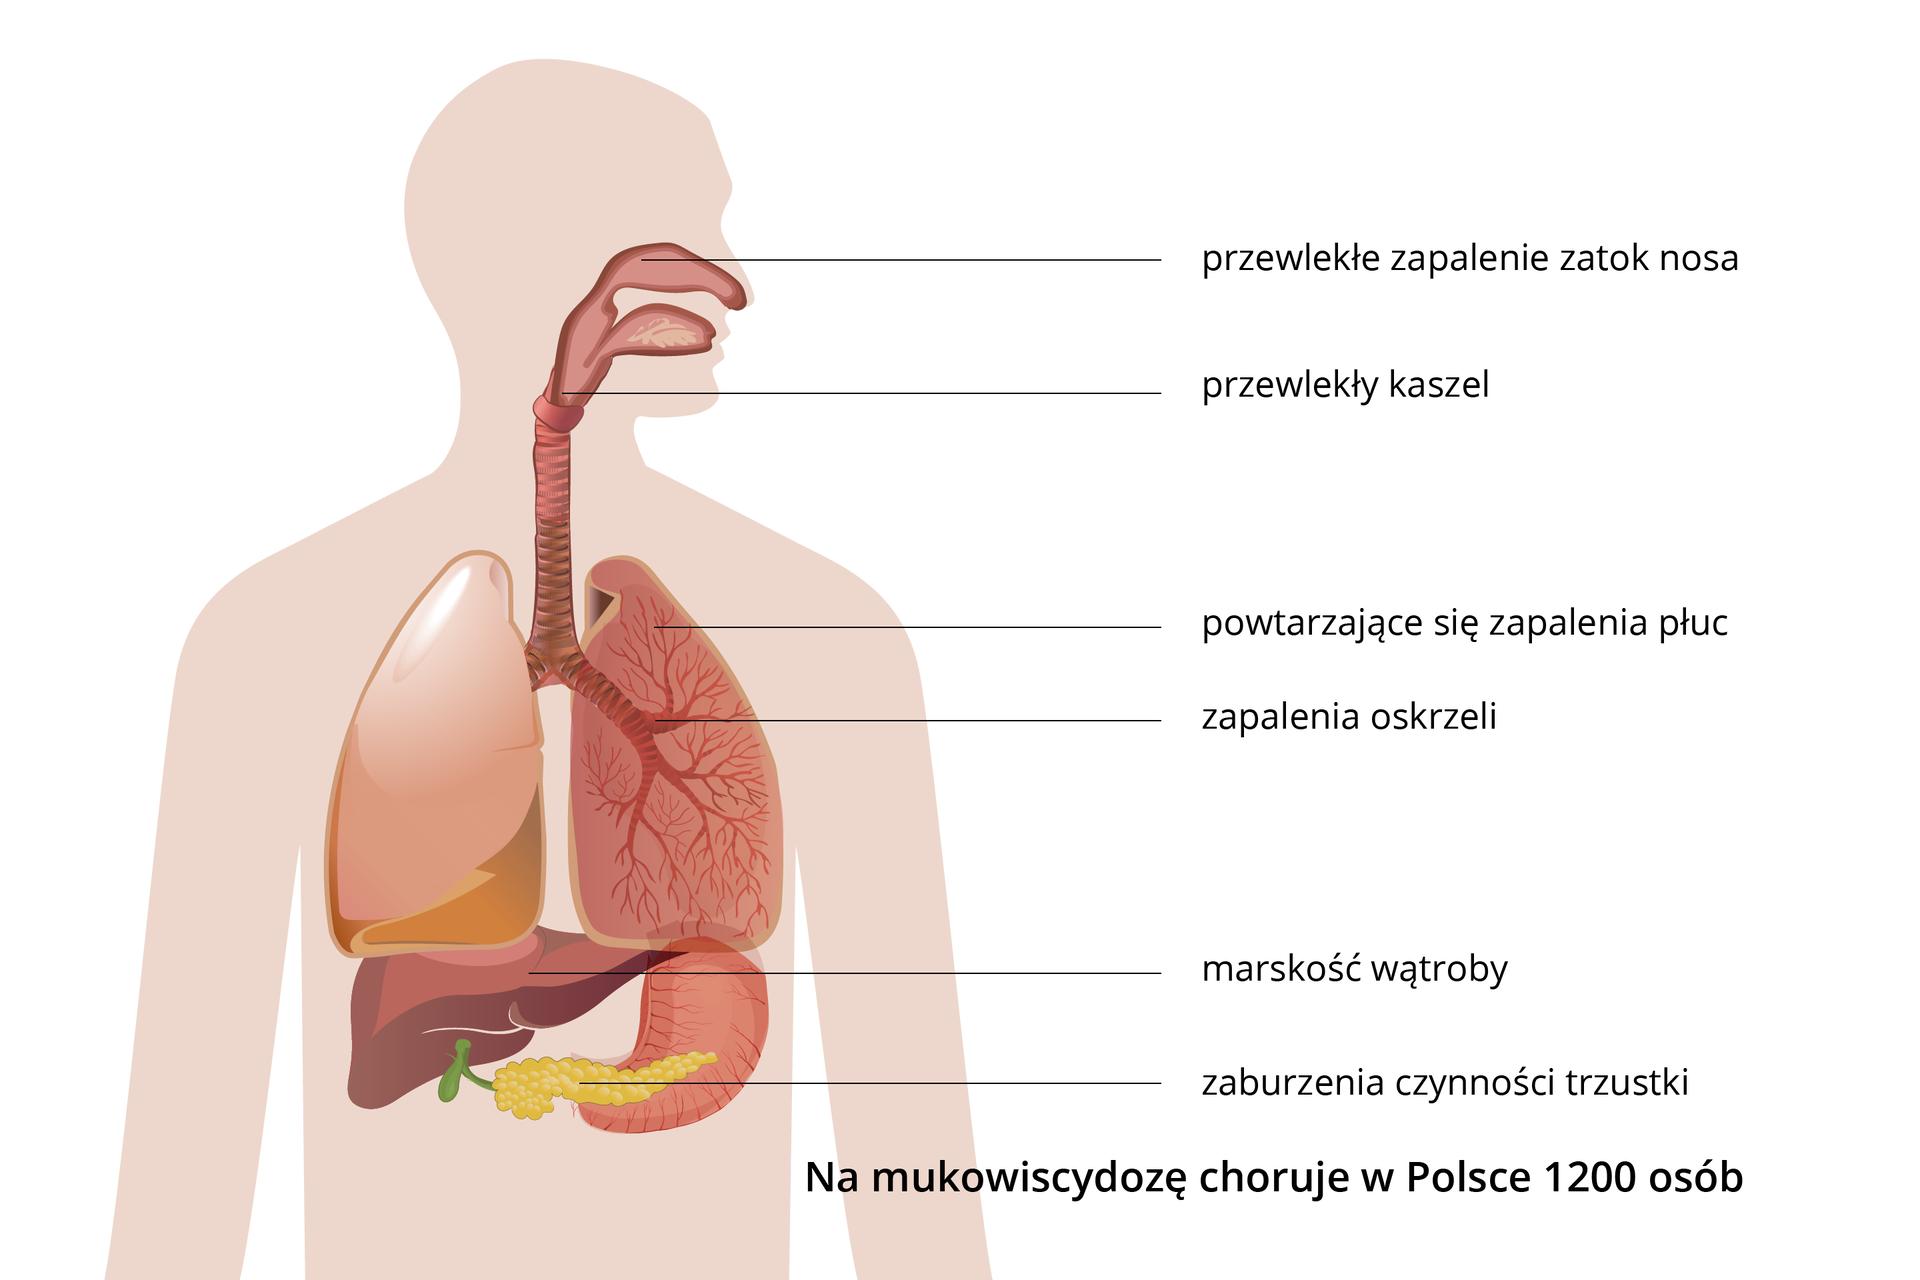 Ilustracja przedstawia liliową sylwetkę człowieka zwrysowanym układem oddechowym. Opisy zboku wskazują miejsca zachorowań iopisują objawy mukowiscydozy.